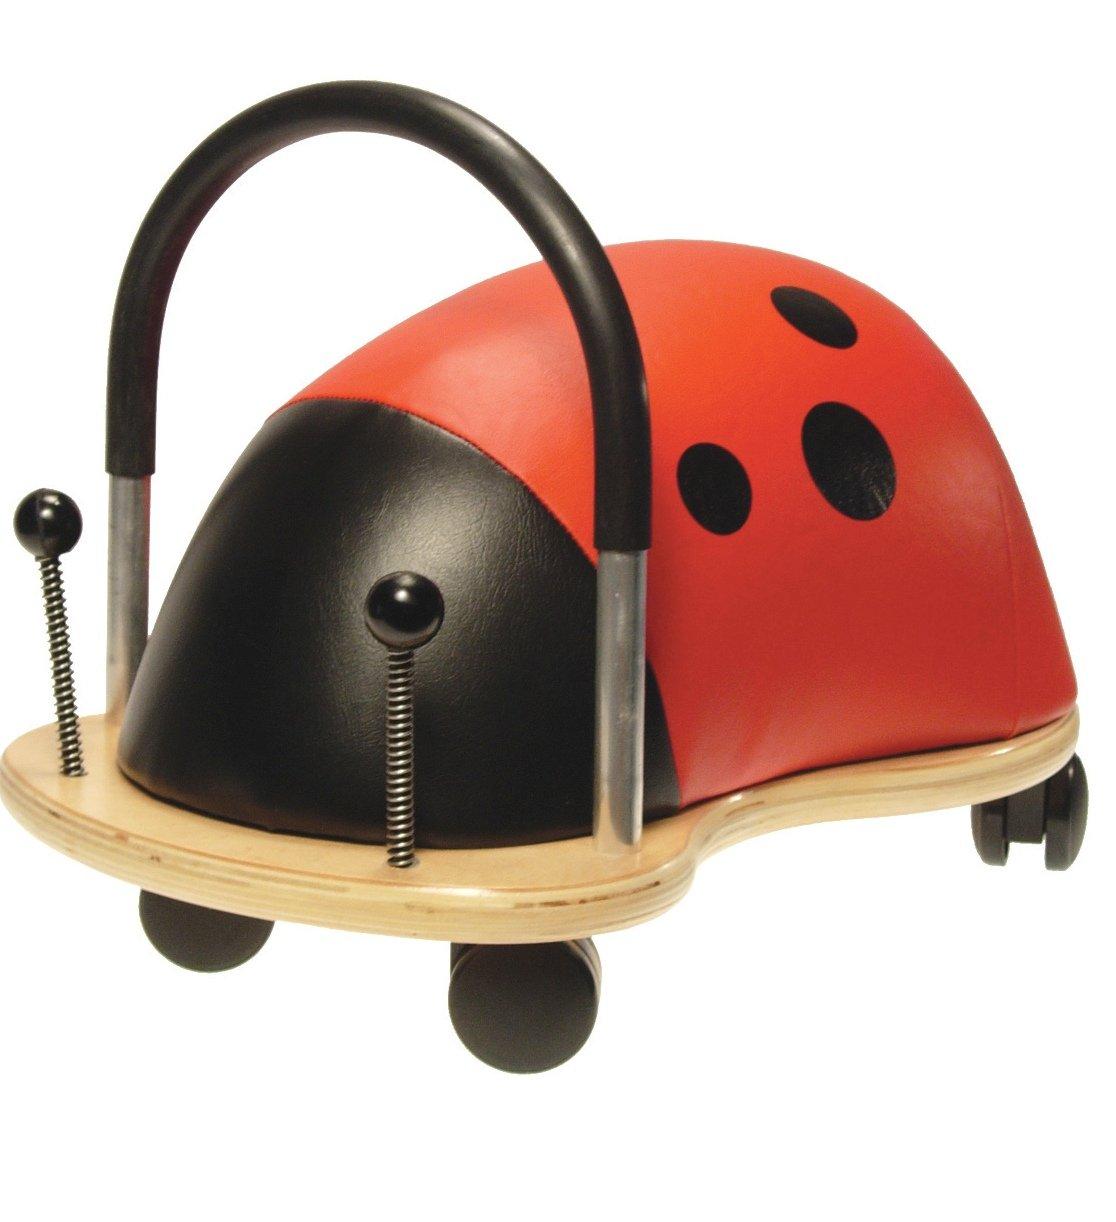 Ladybug with Wheels